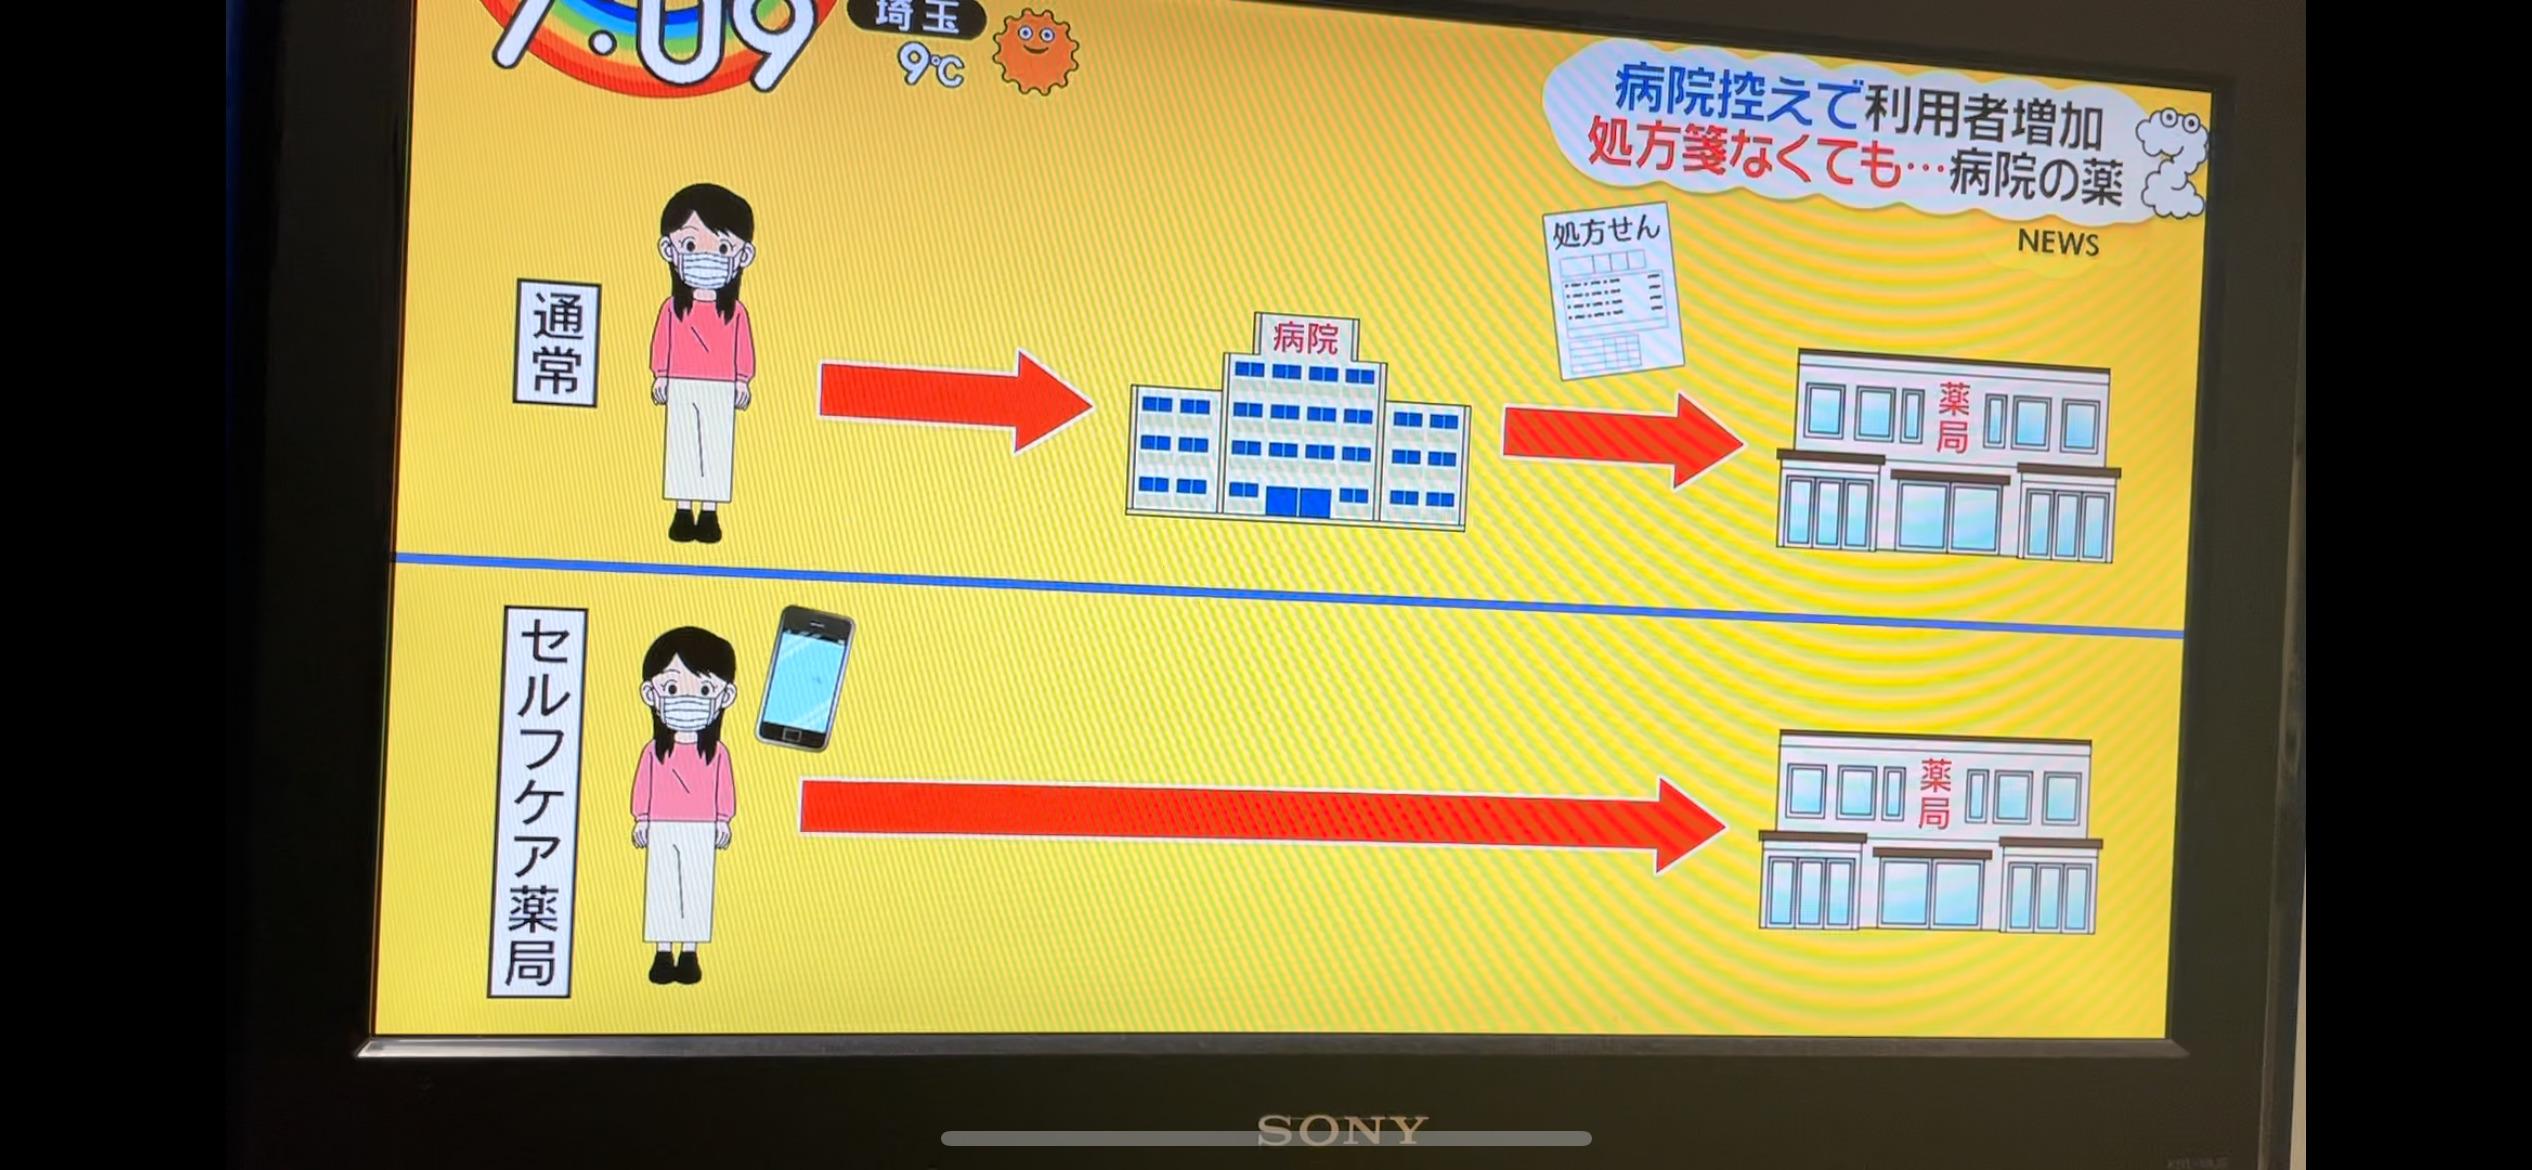 セルフケア薬局_ZIP_放送